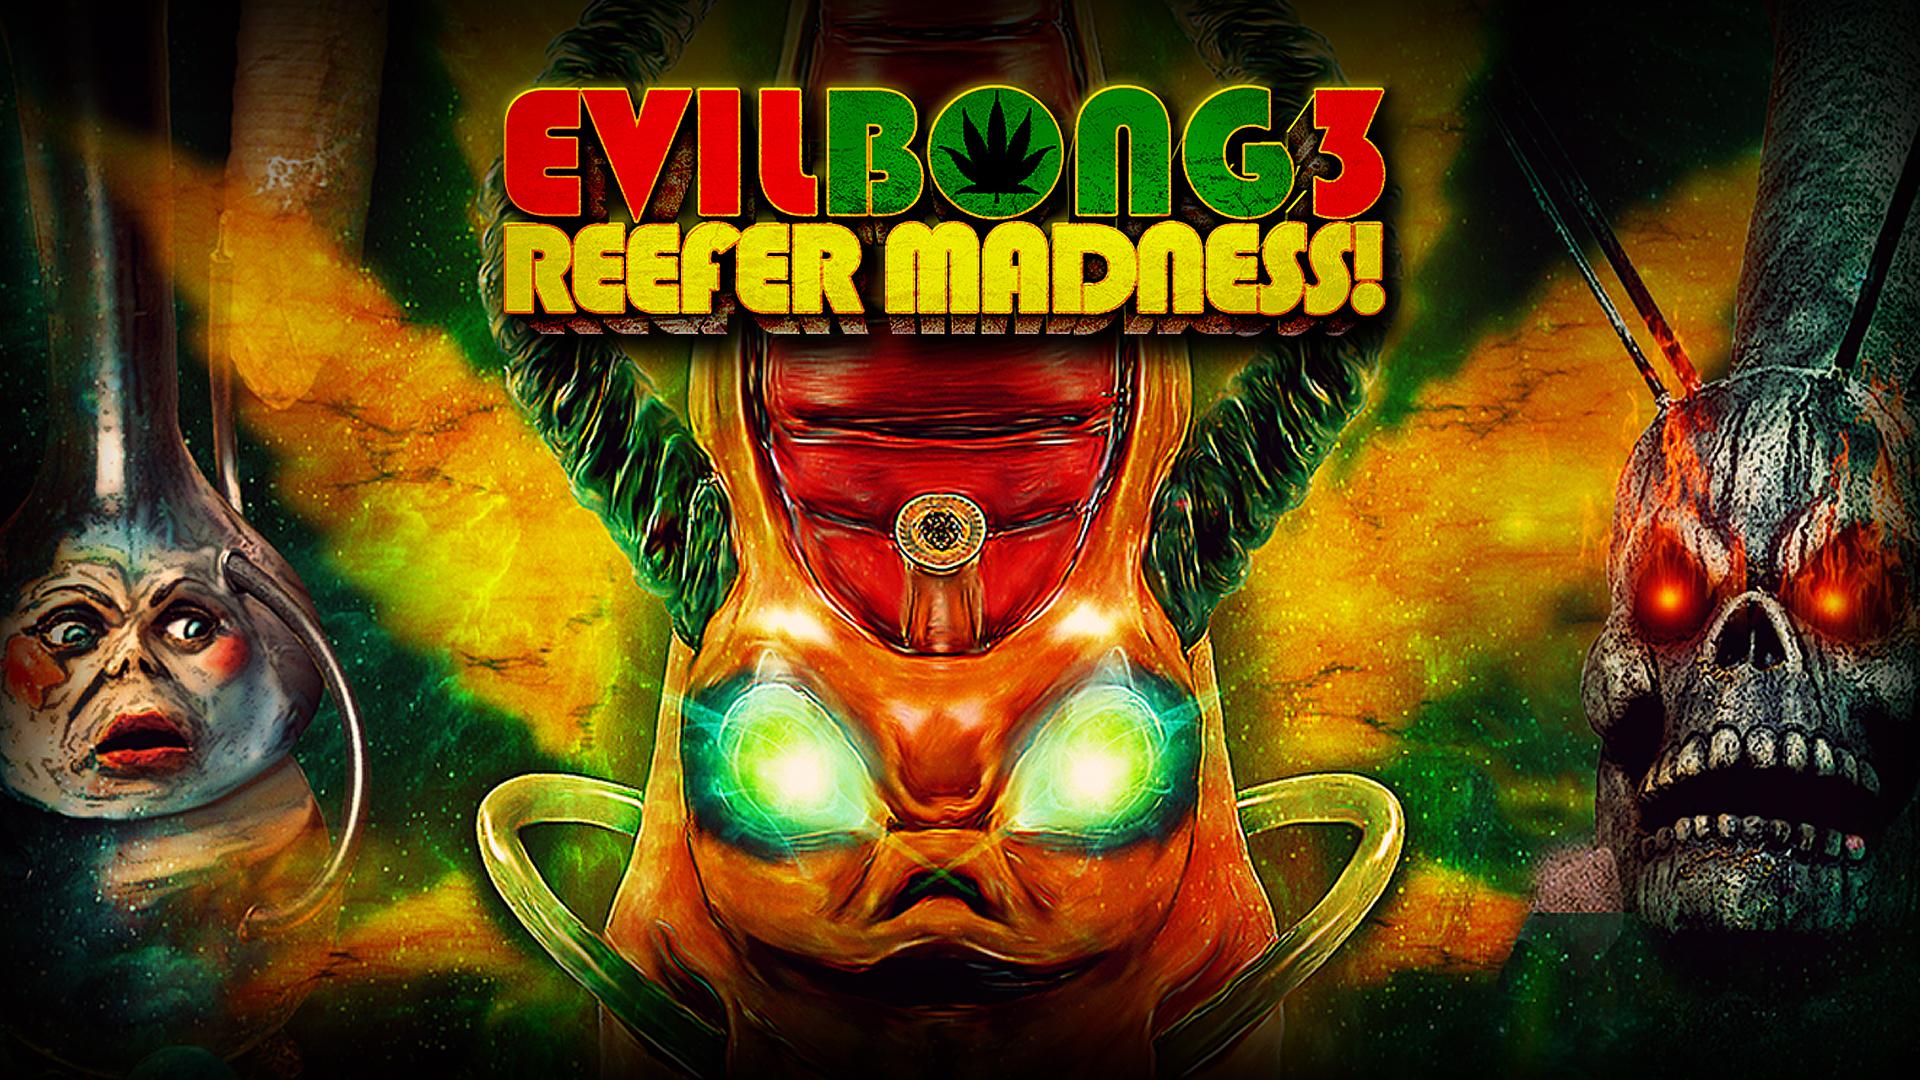 Evil Bong 3: Reefer Madness